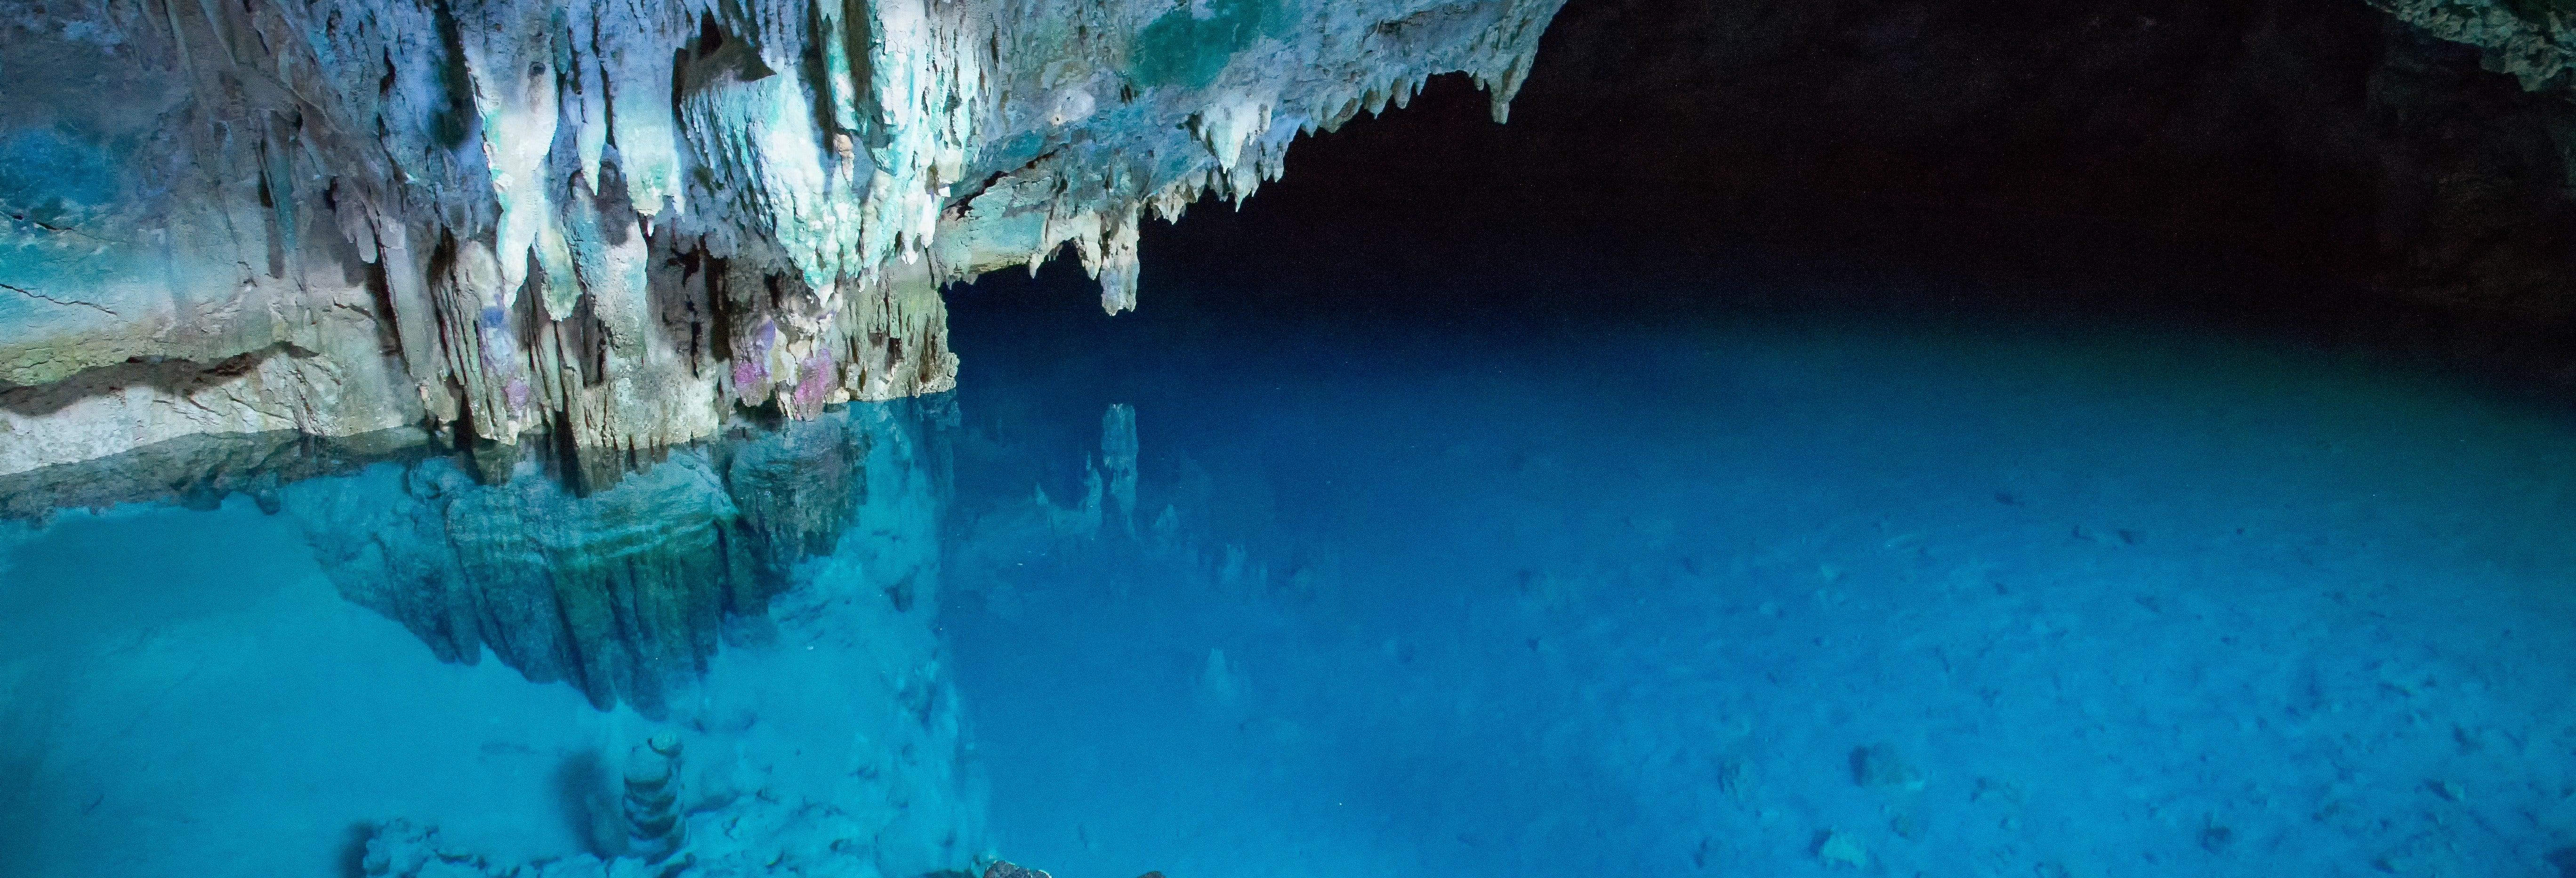 Excursion aux grottes de Batu Cermin et Rangko